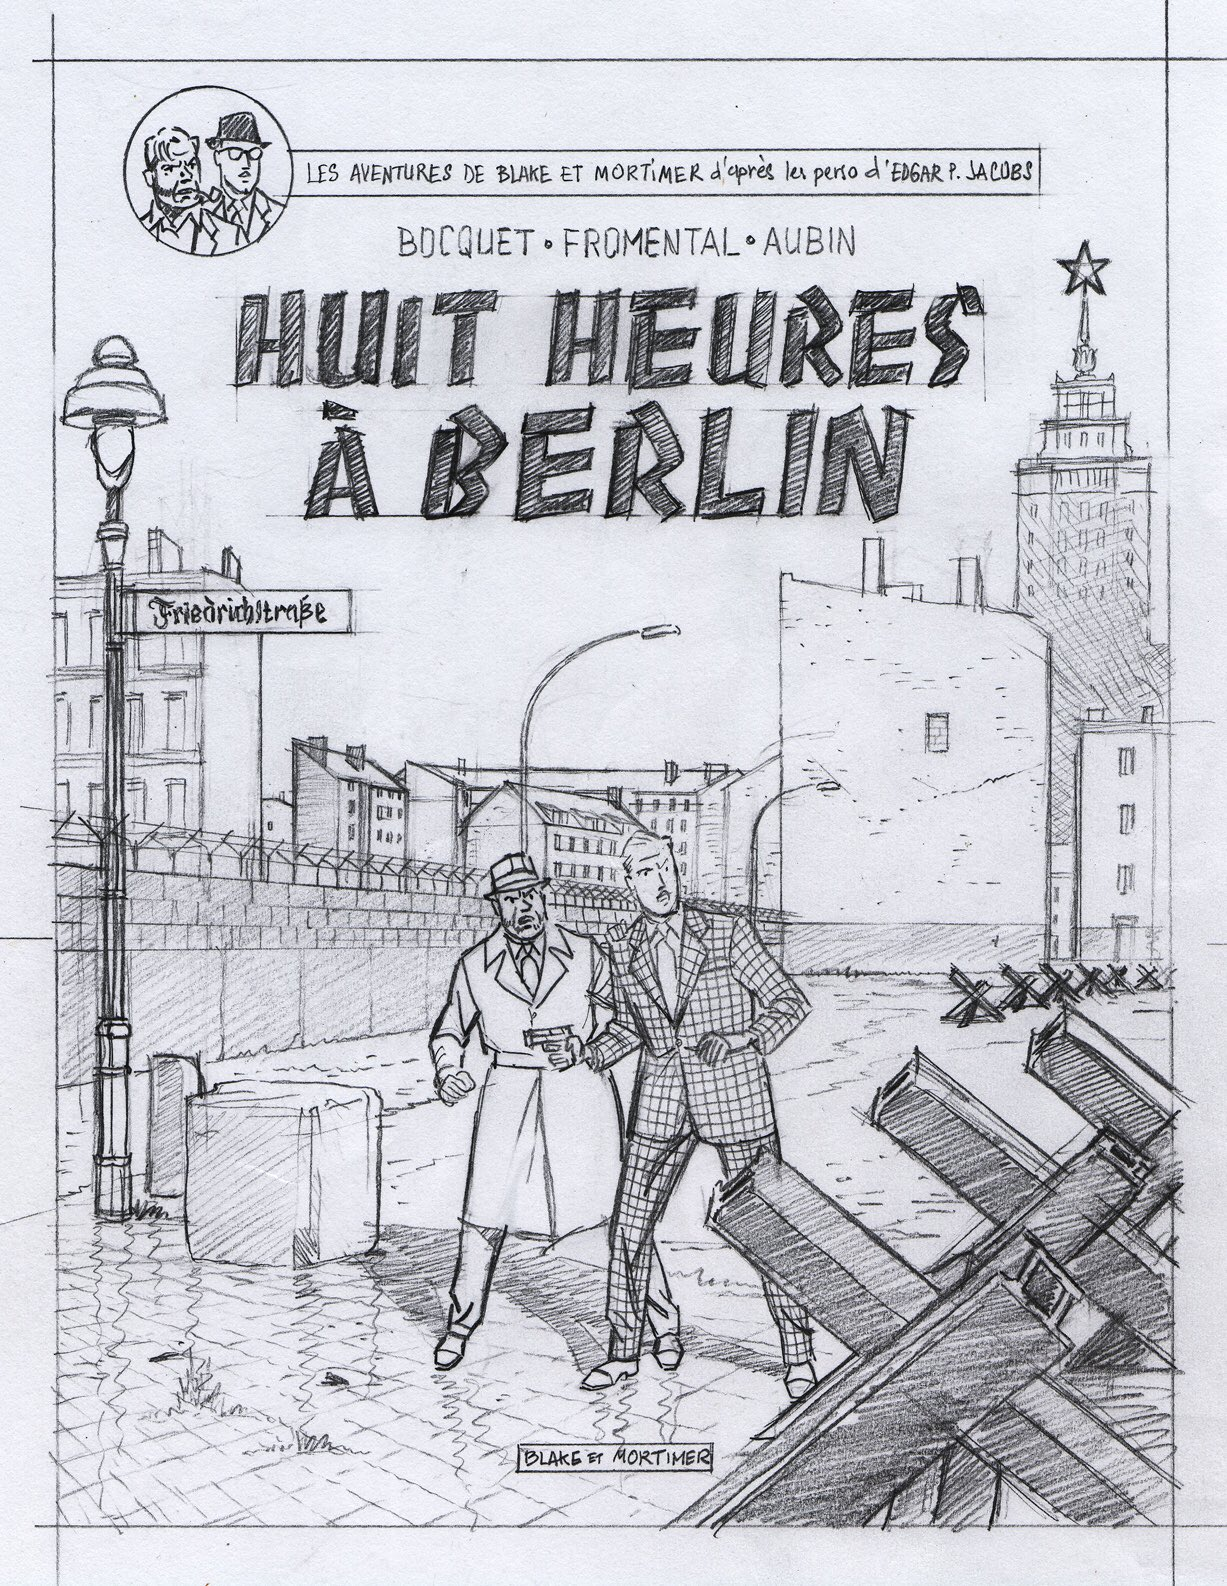 Recherche de couverture et crayonné d'Antoine Aubin pour « Huit heures à Berlin ».